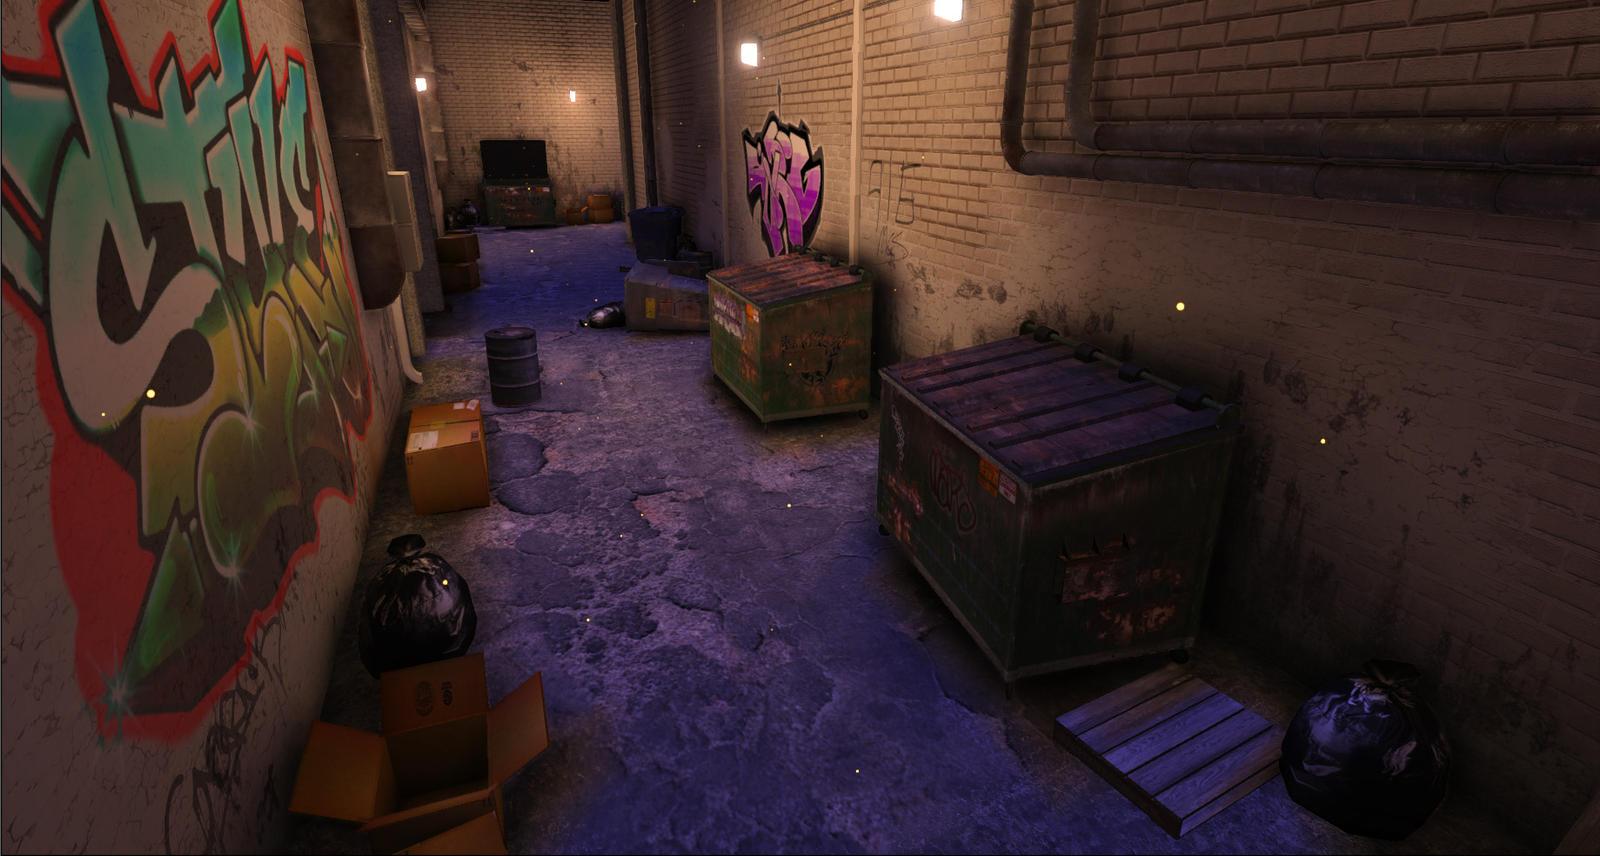 Alleyway by Geminas0wng